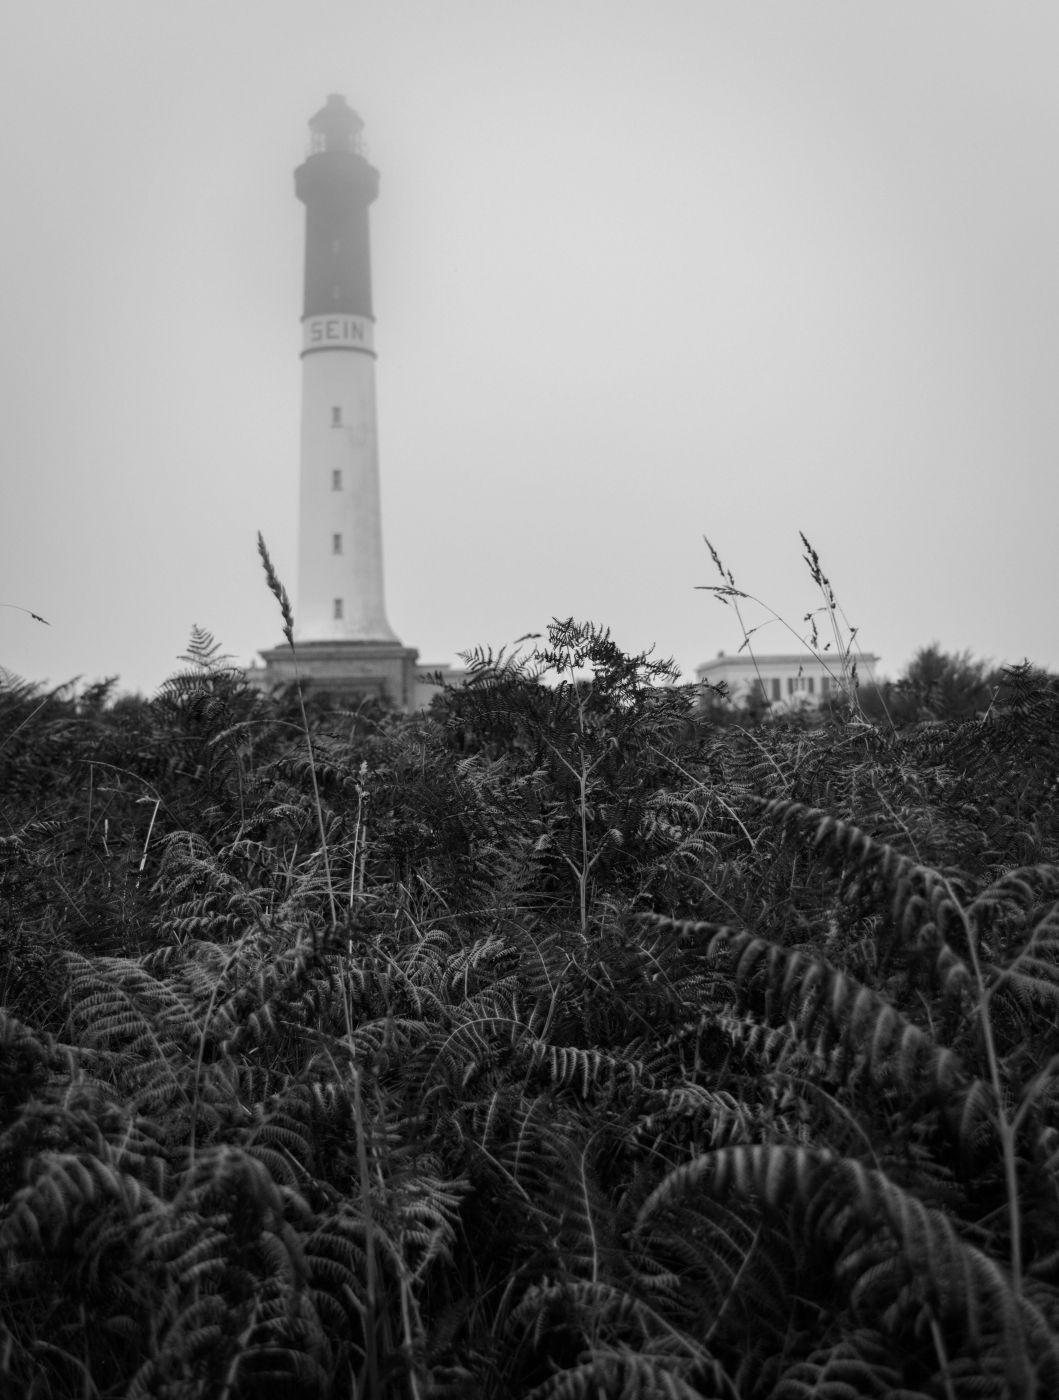 Sein island lighthouse, France